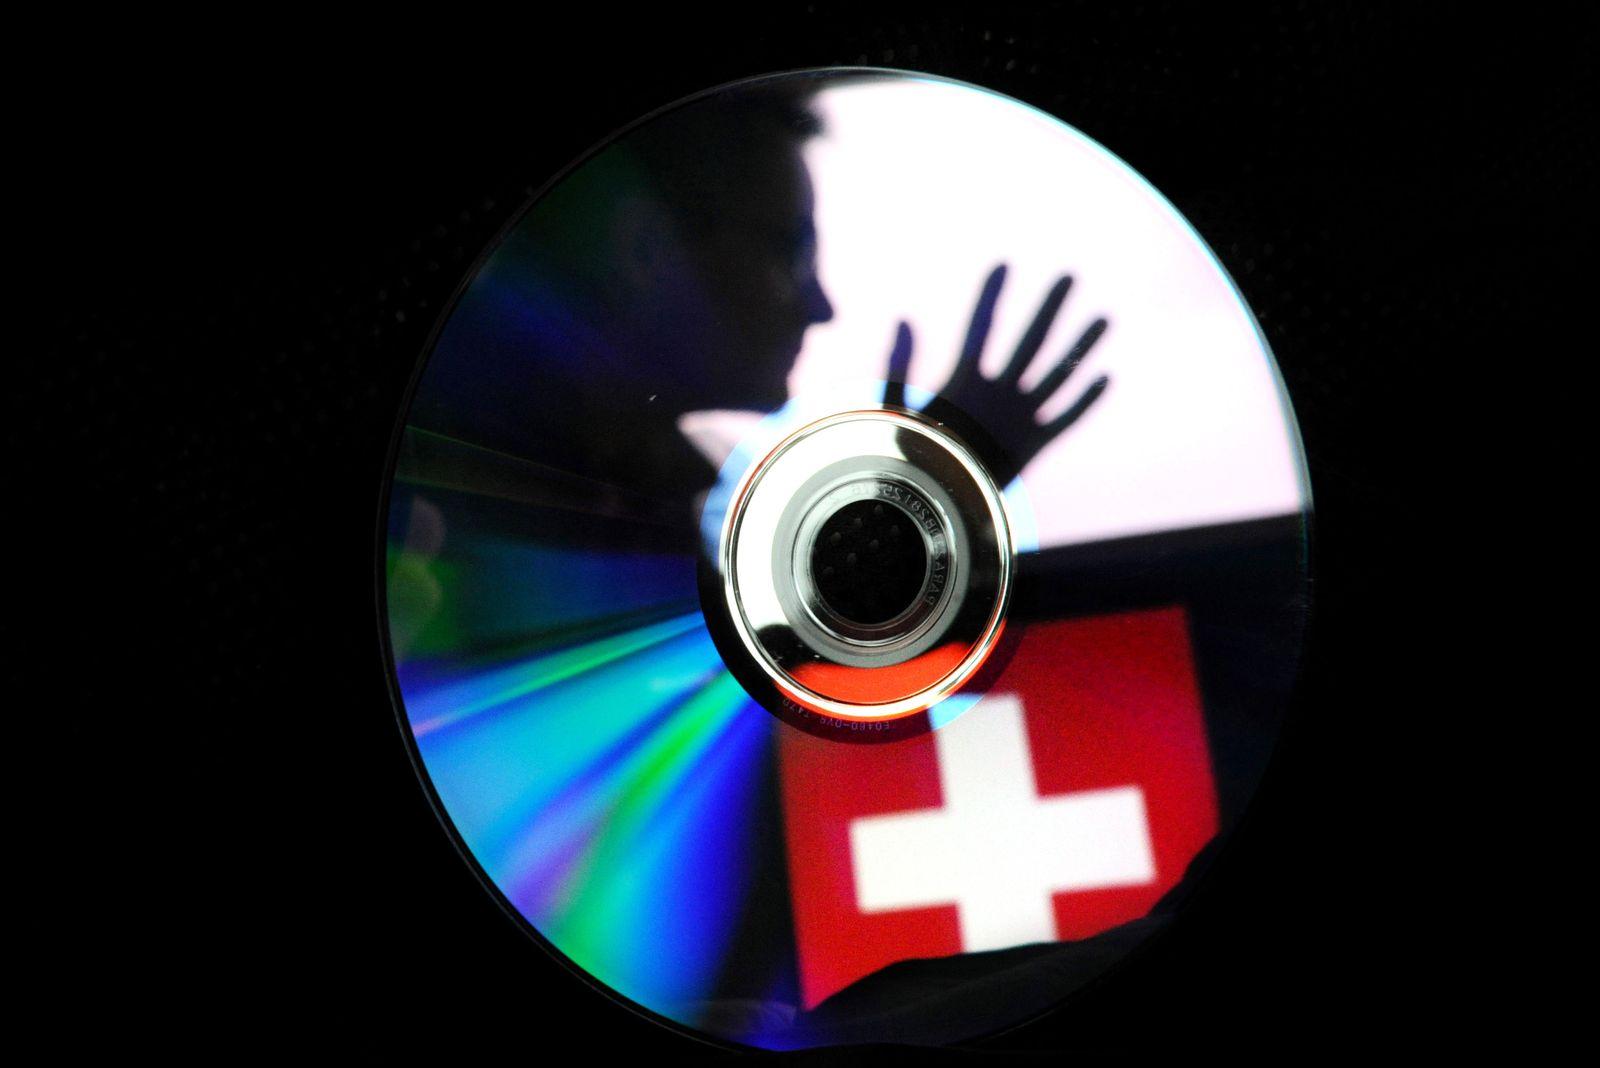 Steuer-CD / Steuerfahnder / CD / Schweiz